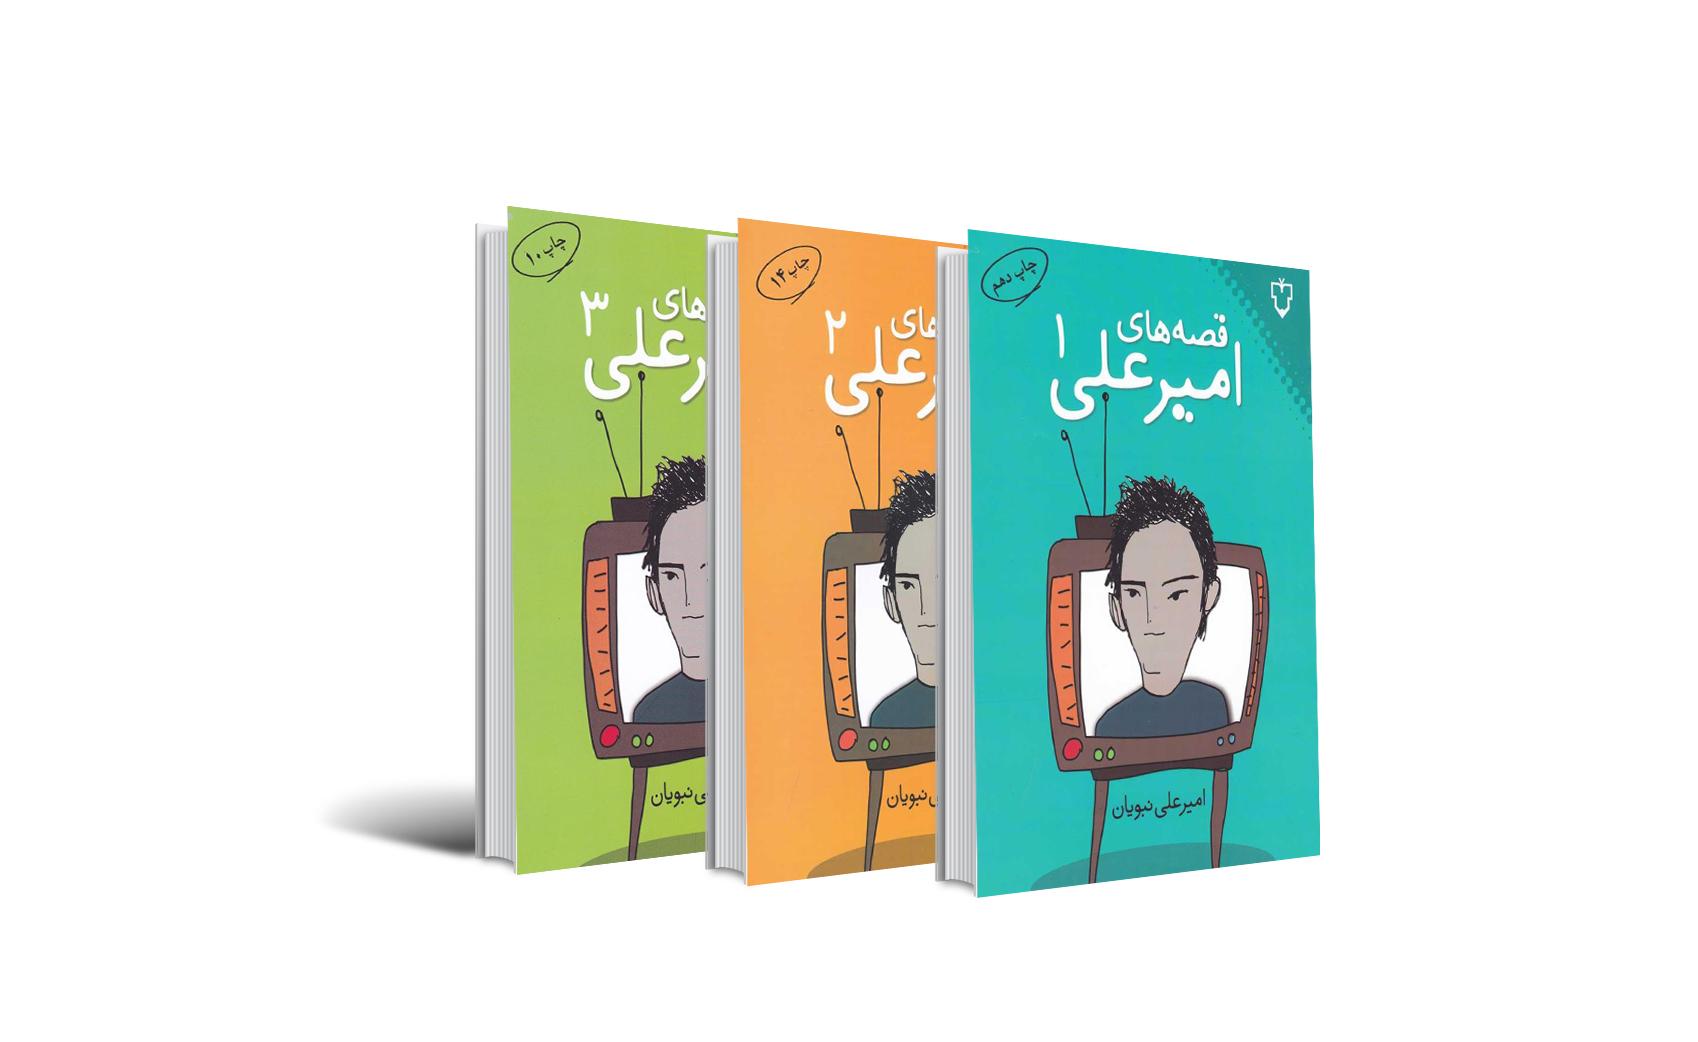 مجموعه کتابهای قصههای امیرعلی